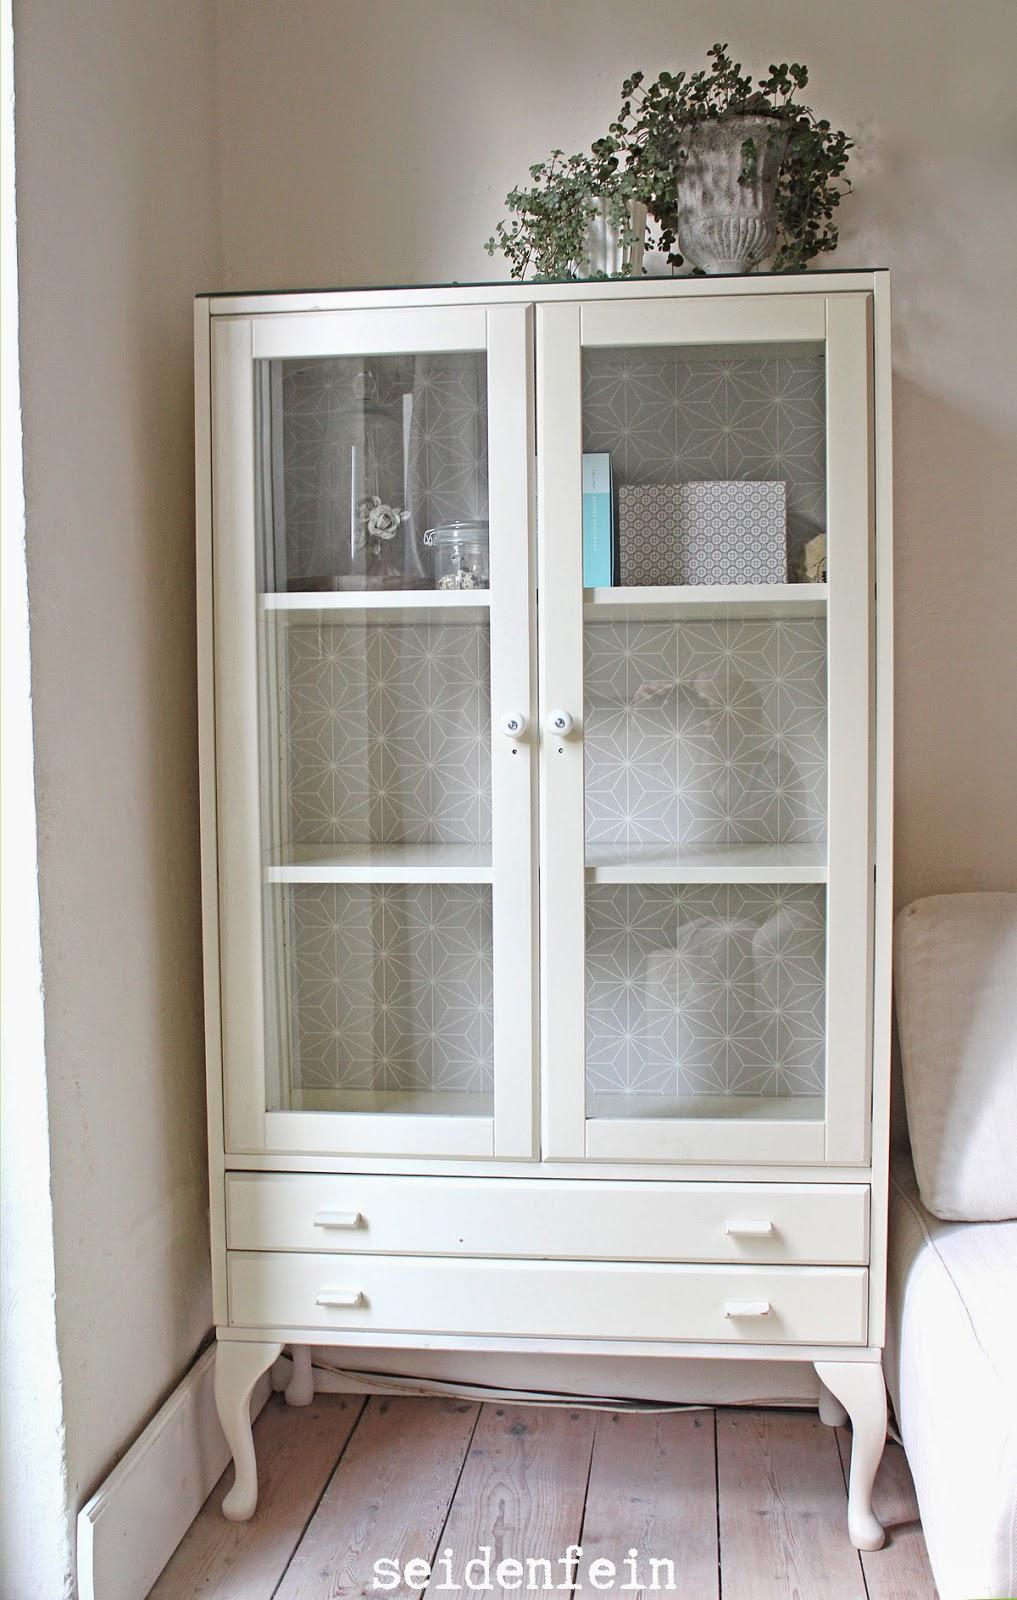 seidenfeins blog vom sch nen landleben diy eine alte. Black Bedroom Furniture Sets. Home Design Ideas